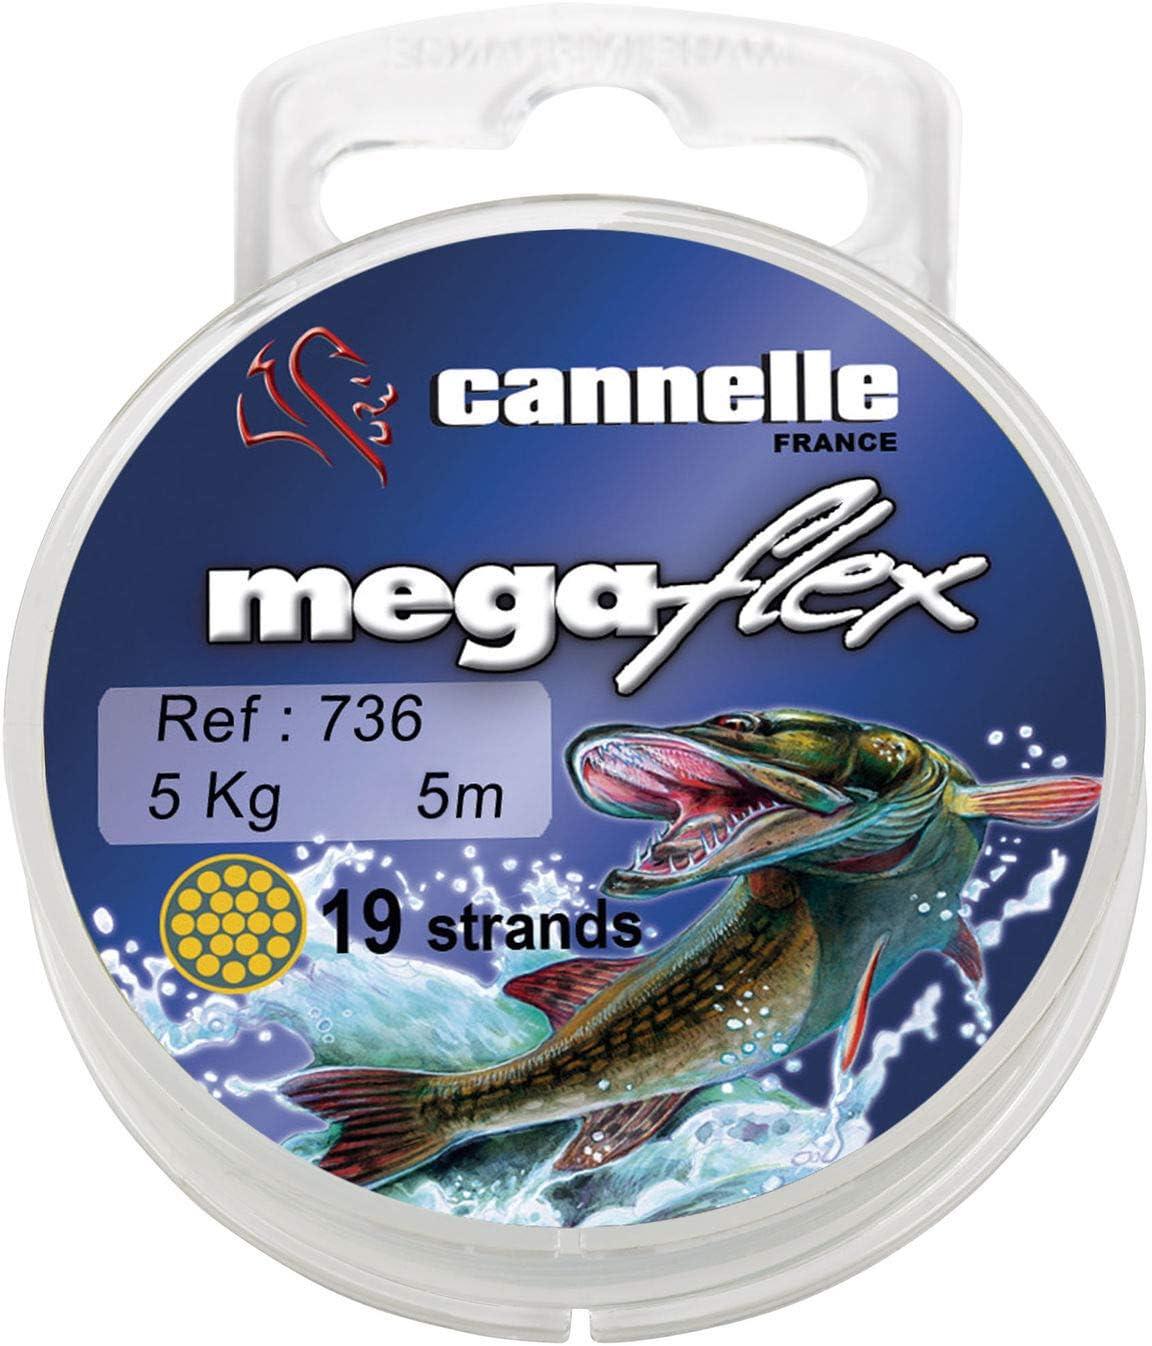 Cannelle Multiflex 736 19 Strands 5m Tragkraft 11kg Vorfachschnur